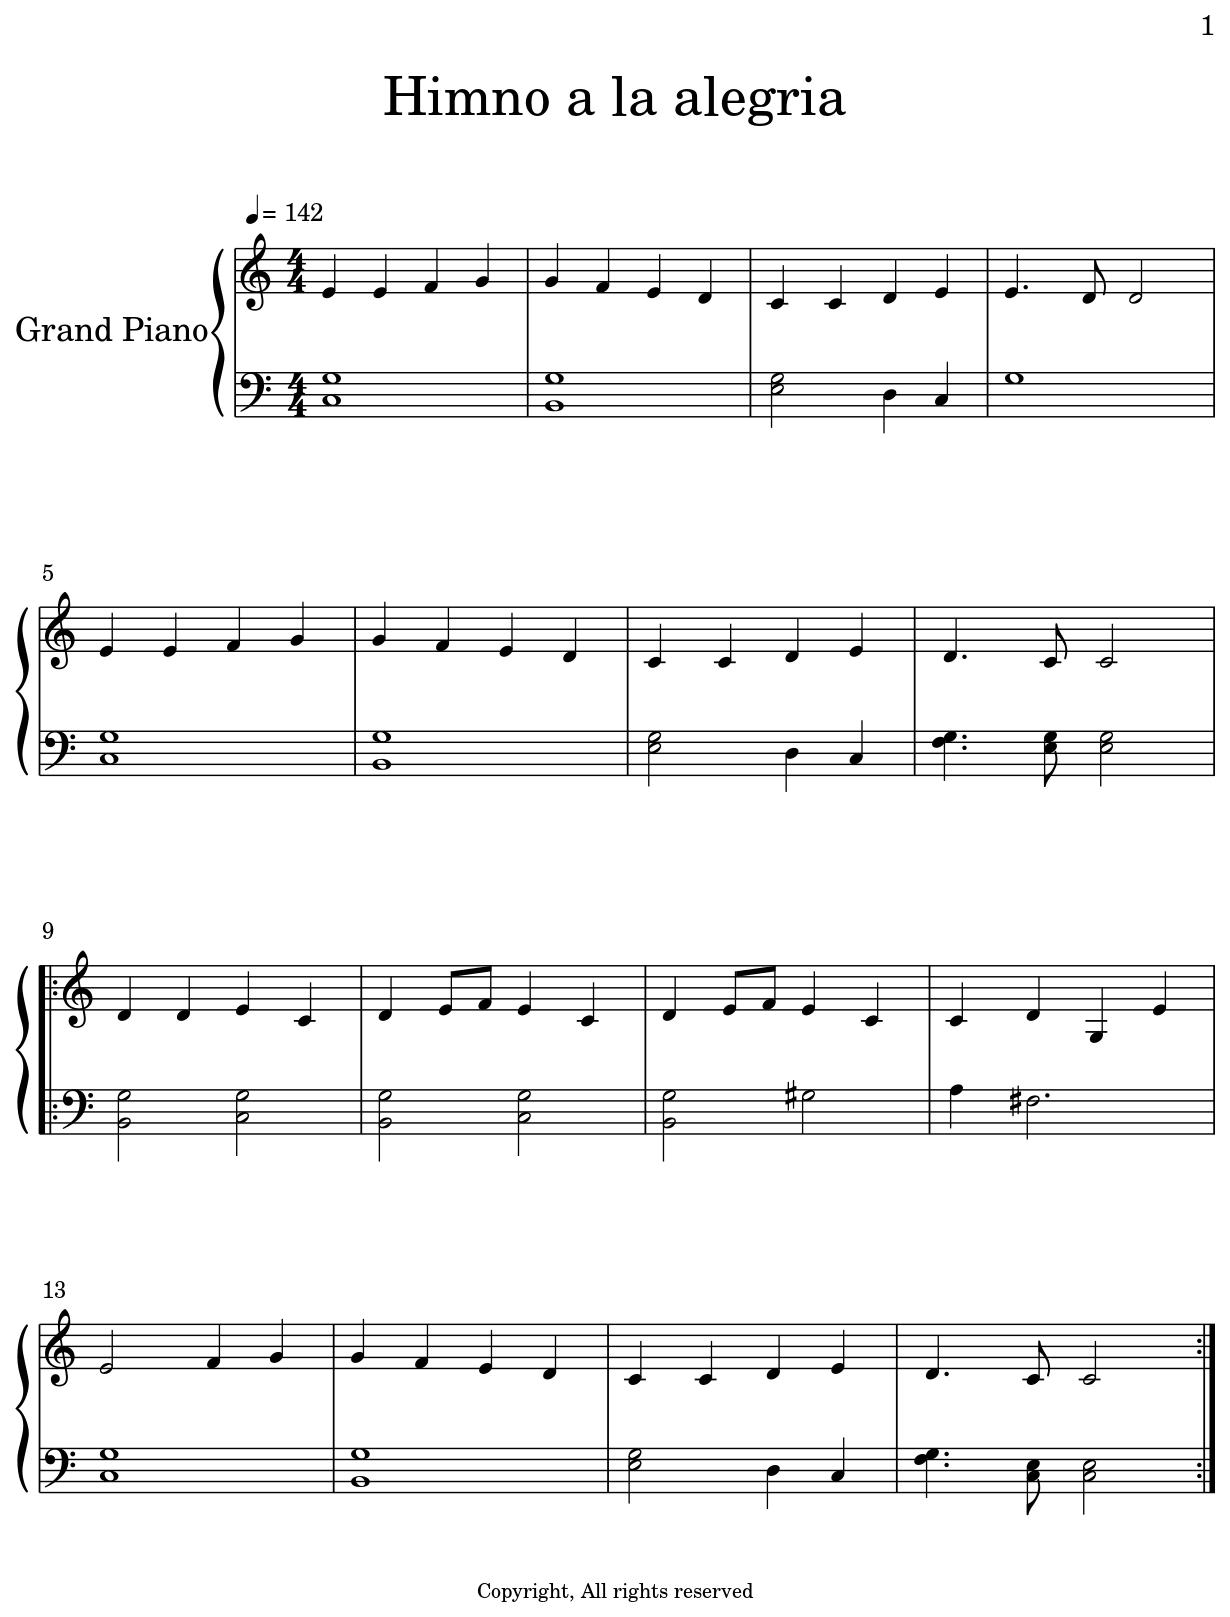 Himno A La Alegria Flat